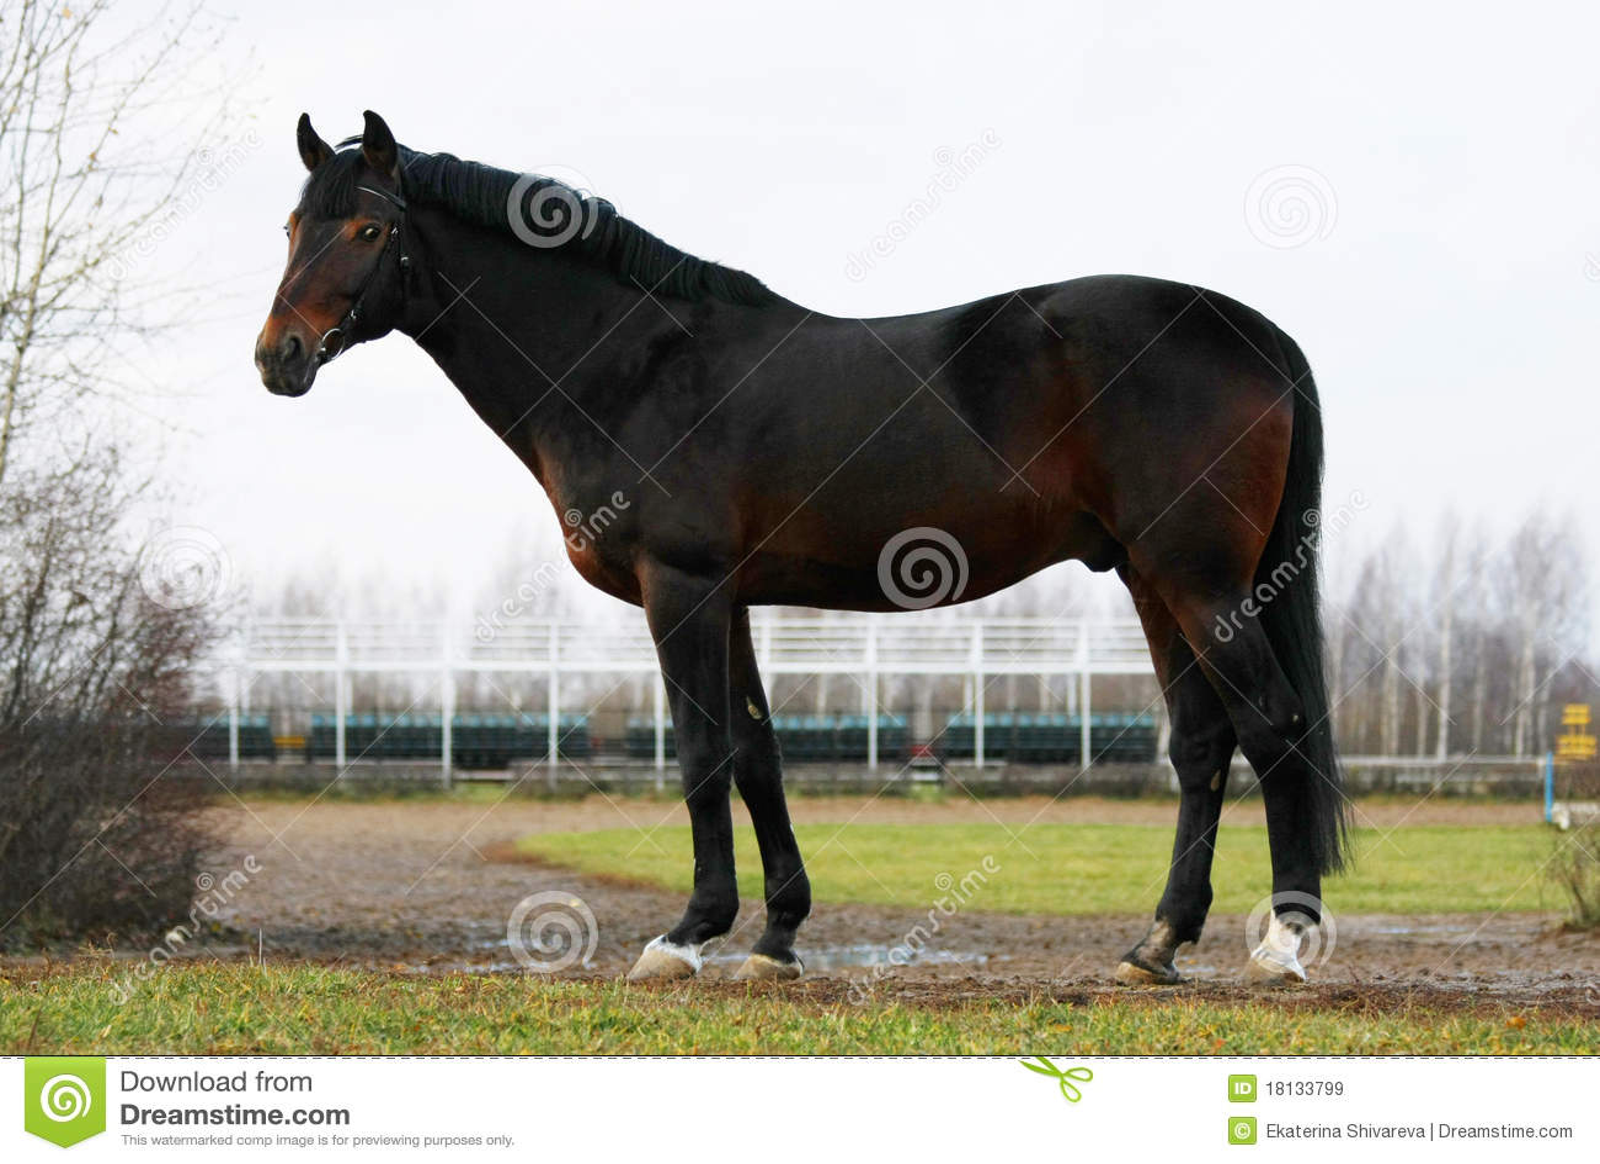 Cudowny podpalany koń